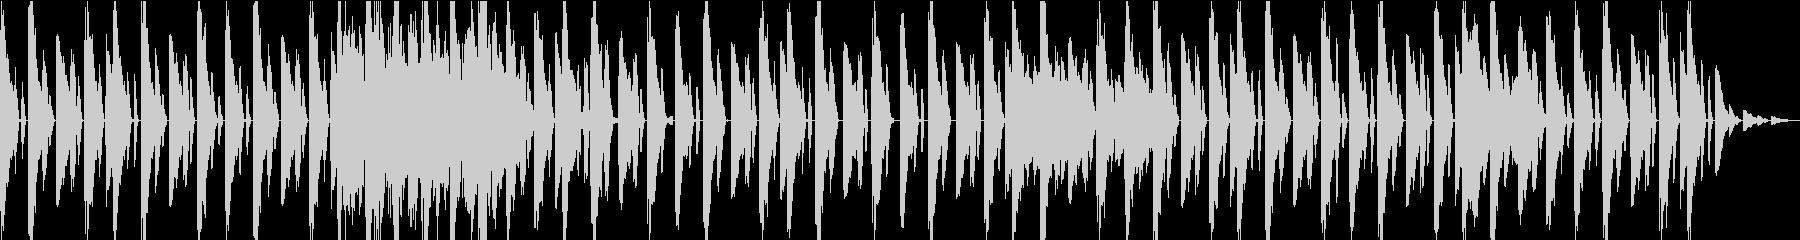 ダークパルスグルーヴには、一種のフ...の未再生の波形